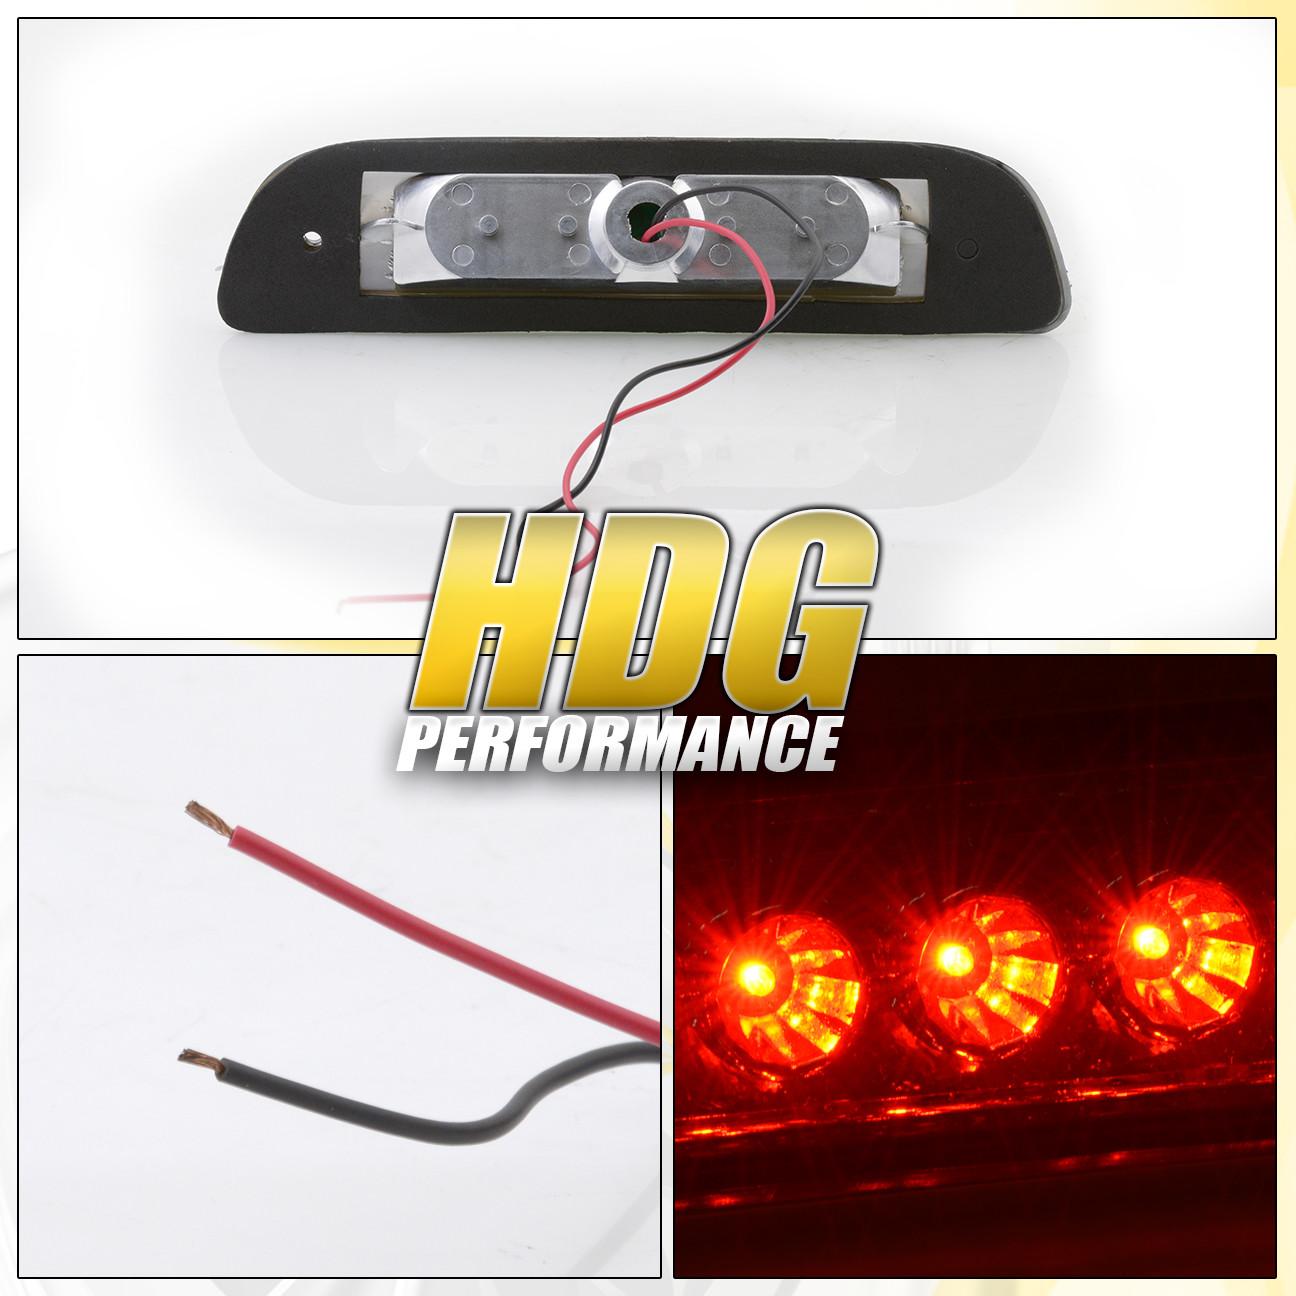 z_166988_2_0 X Oem Wiring Harness on hot rod, fuel pump, fog light, classic truck, best street rod, aftermarket radio,